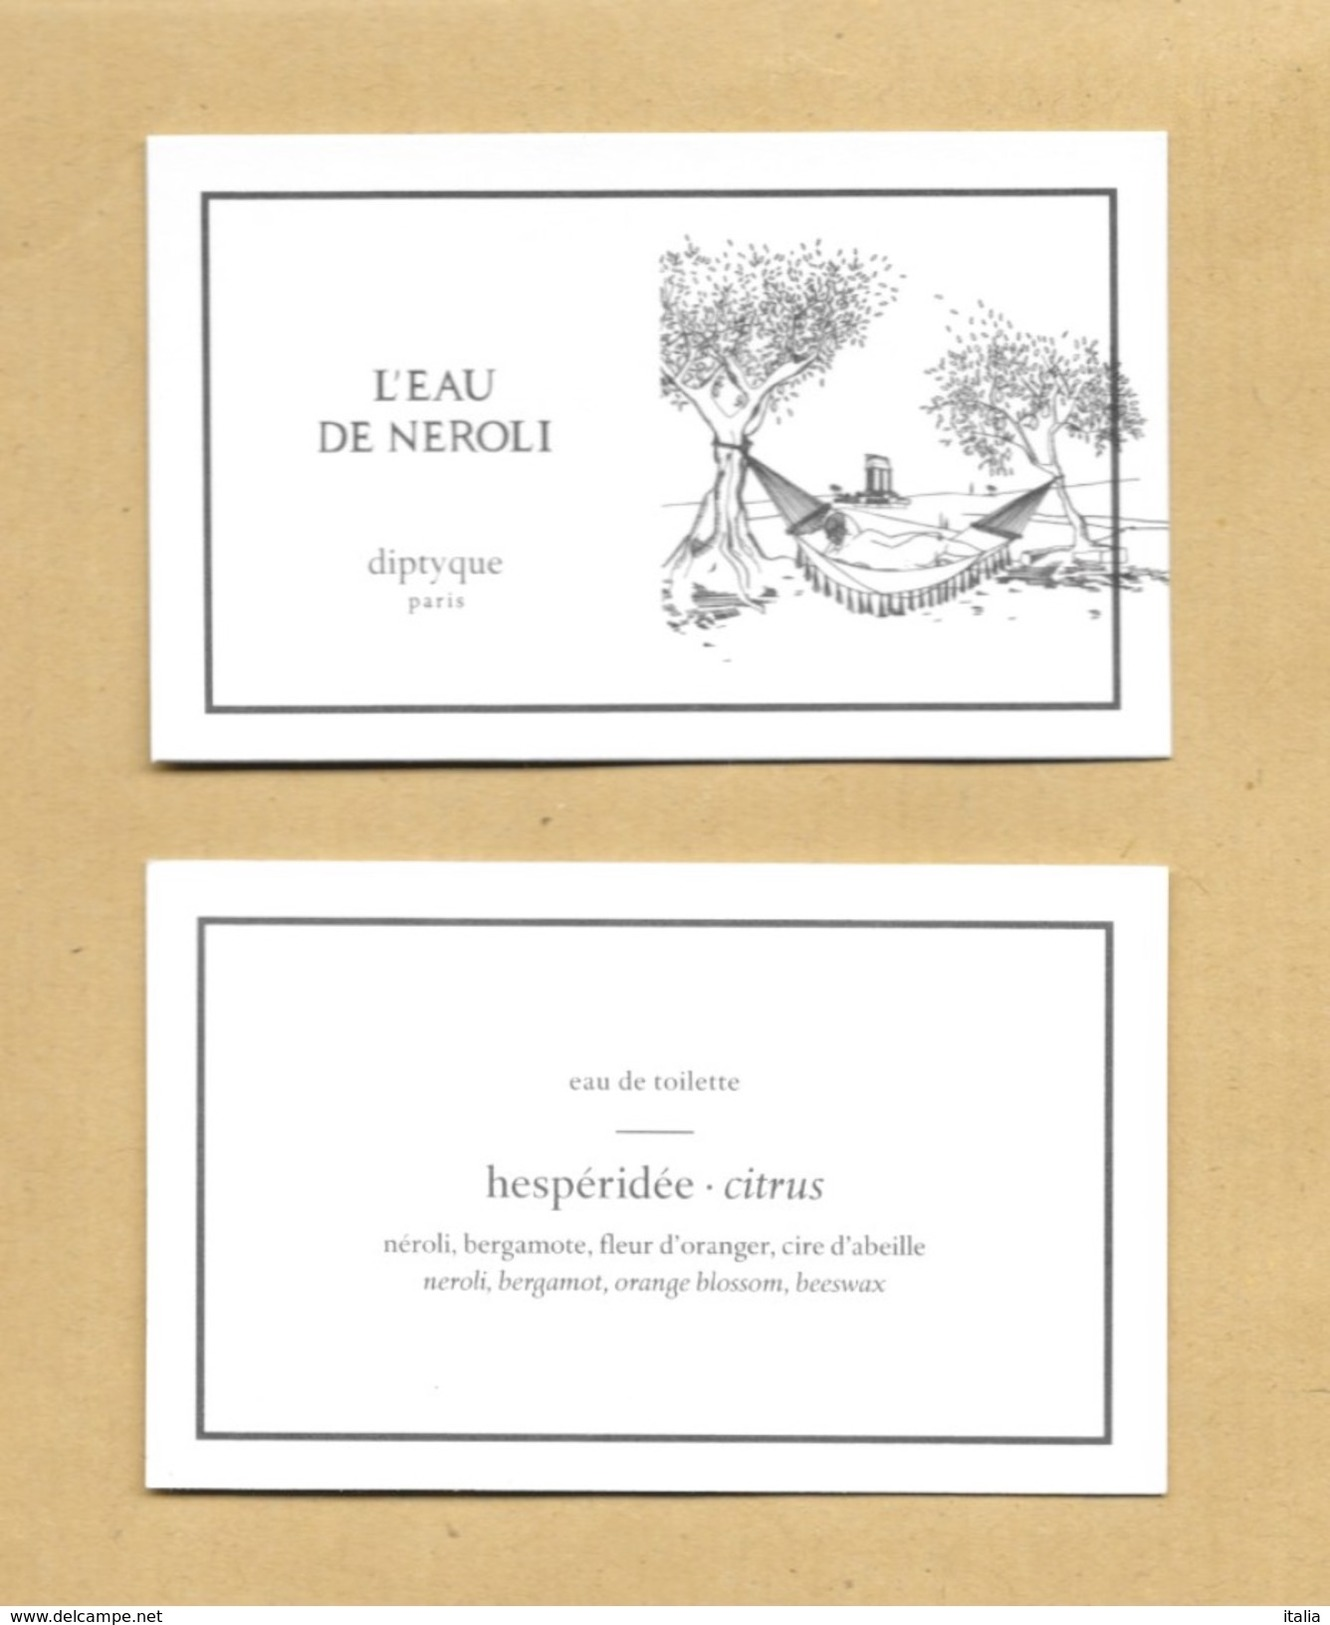 Nouvelle Carte De La Série *** Carte Parfumée Perfume Card EAU DE NEROLI * DIPTYQUE * R/V - Modernes (à Partir De 1961)